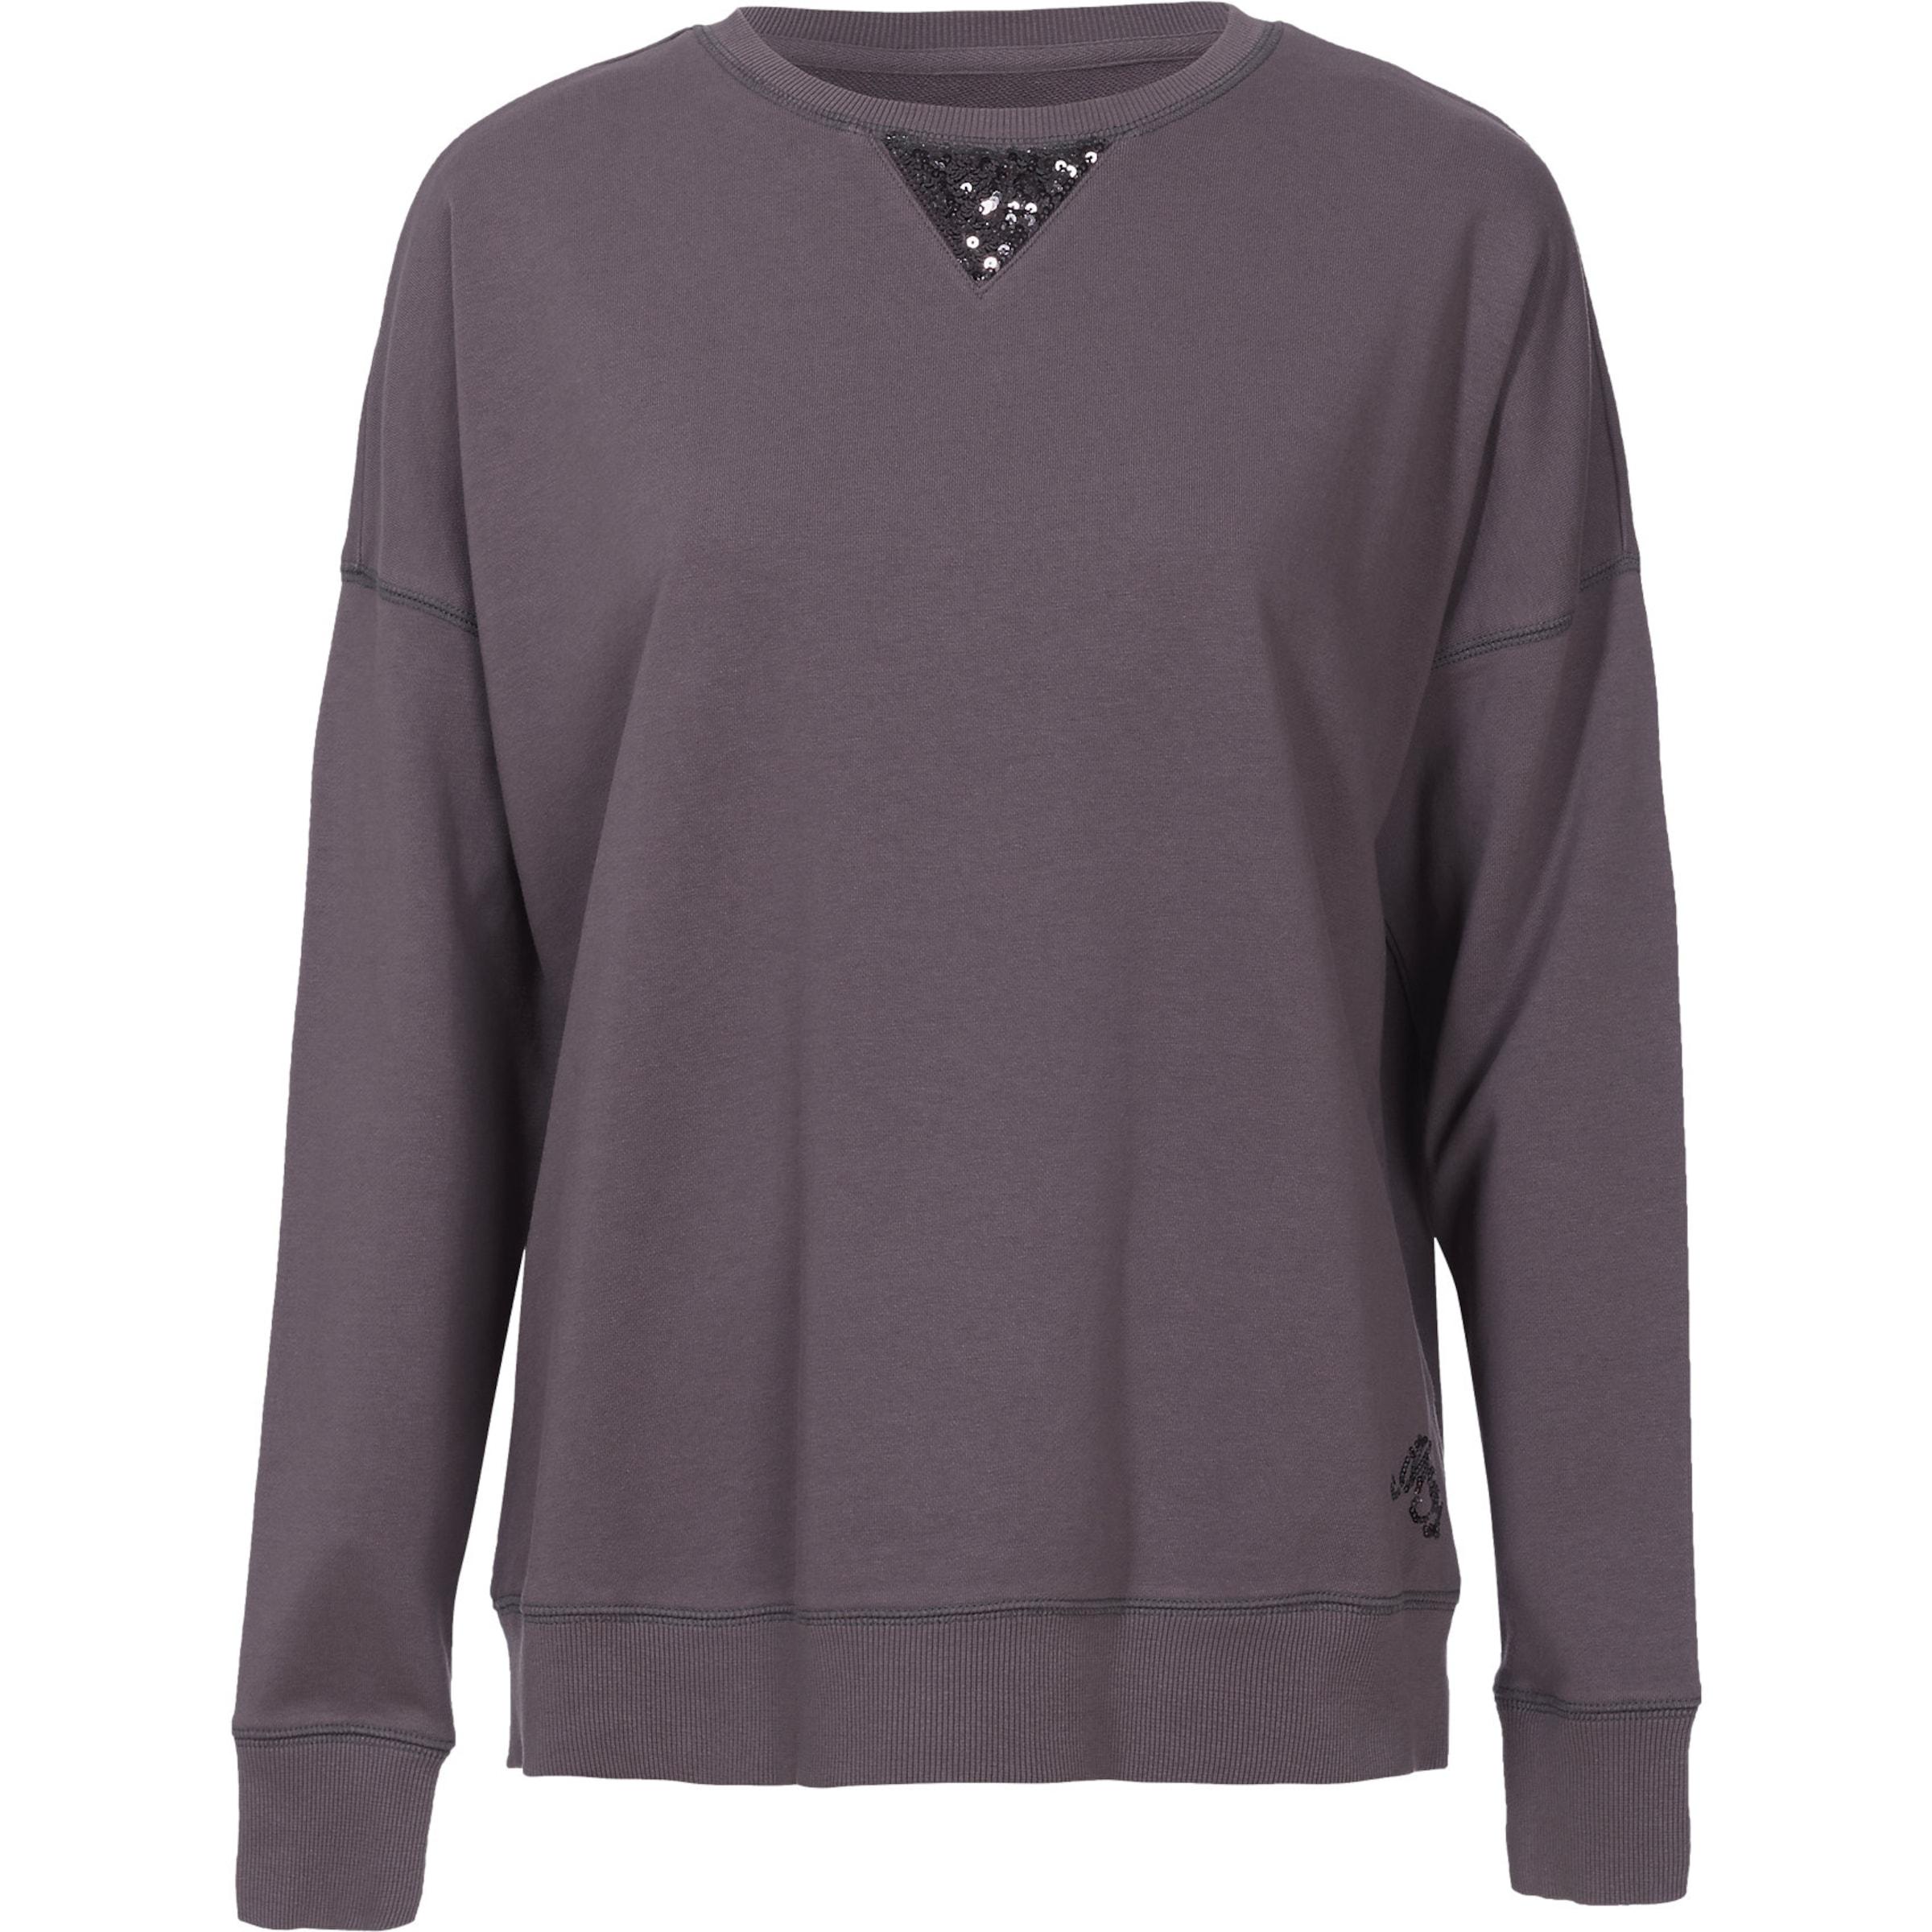 MUSTANG Sweatshirt Niedrigsten Preis Online Neueste imyQ2K5